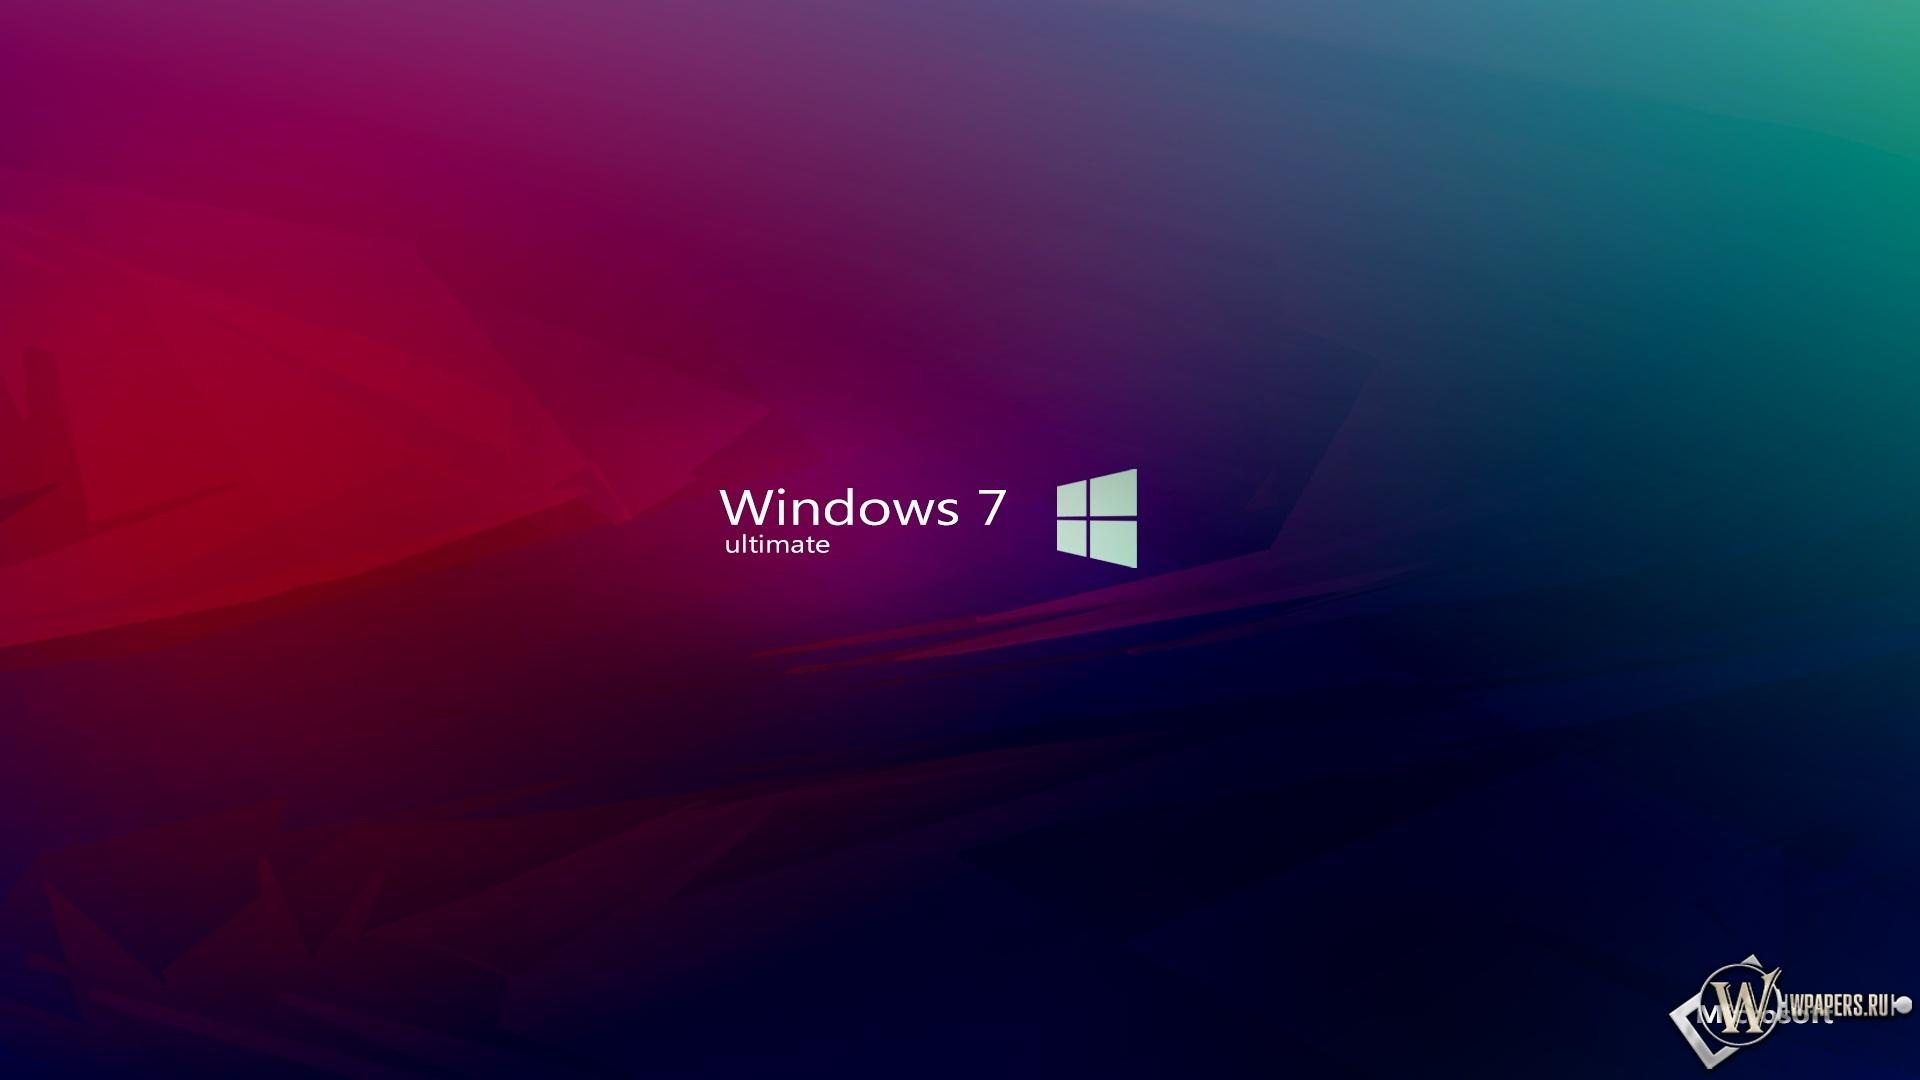 Windows 7 1920x1080